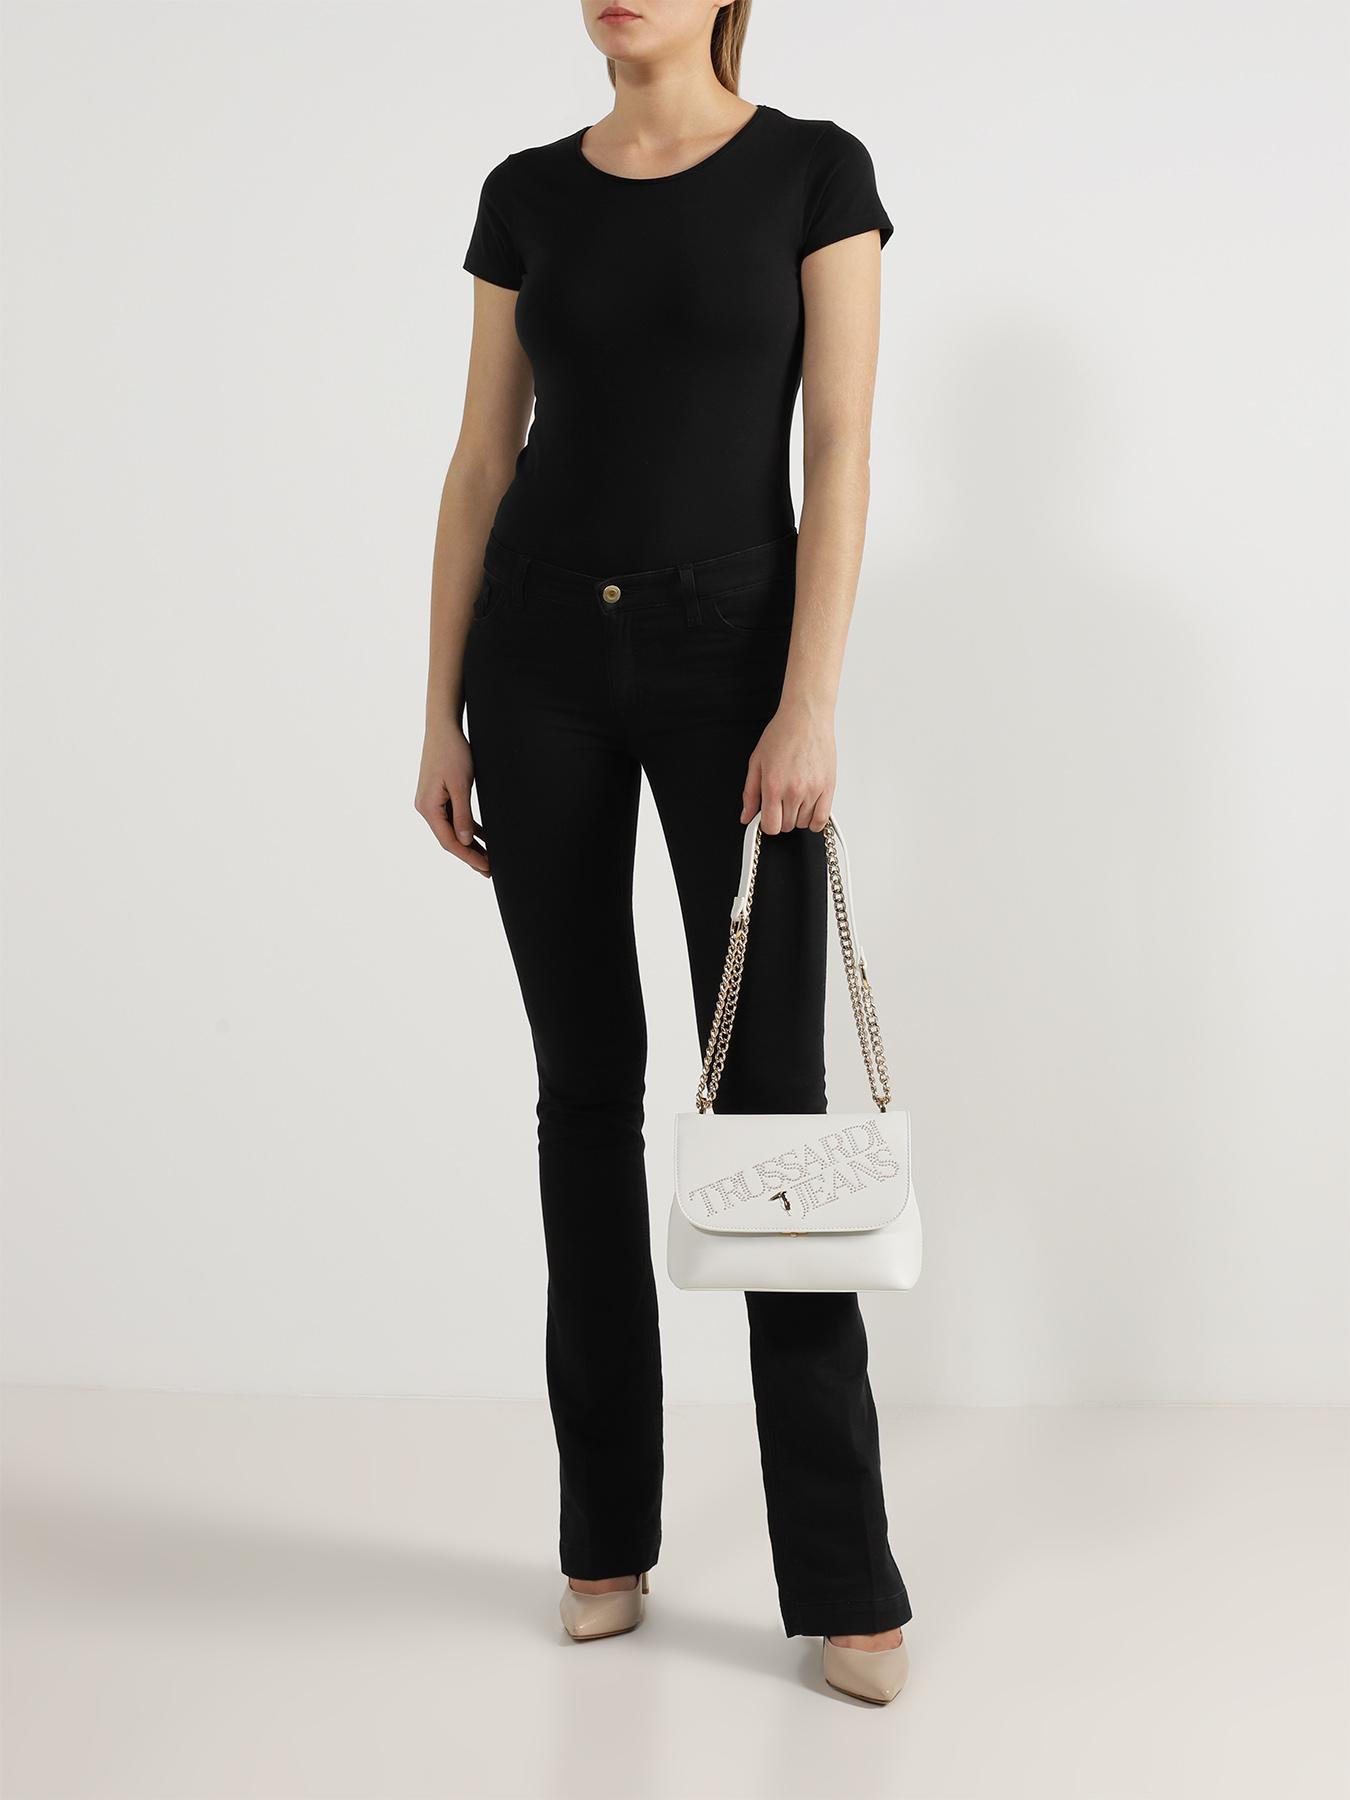 Сумка Trussardi Jeans Женская сумка